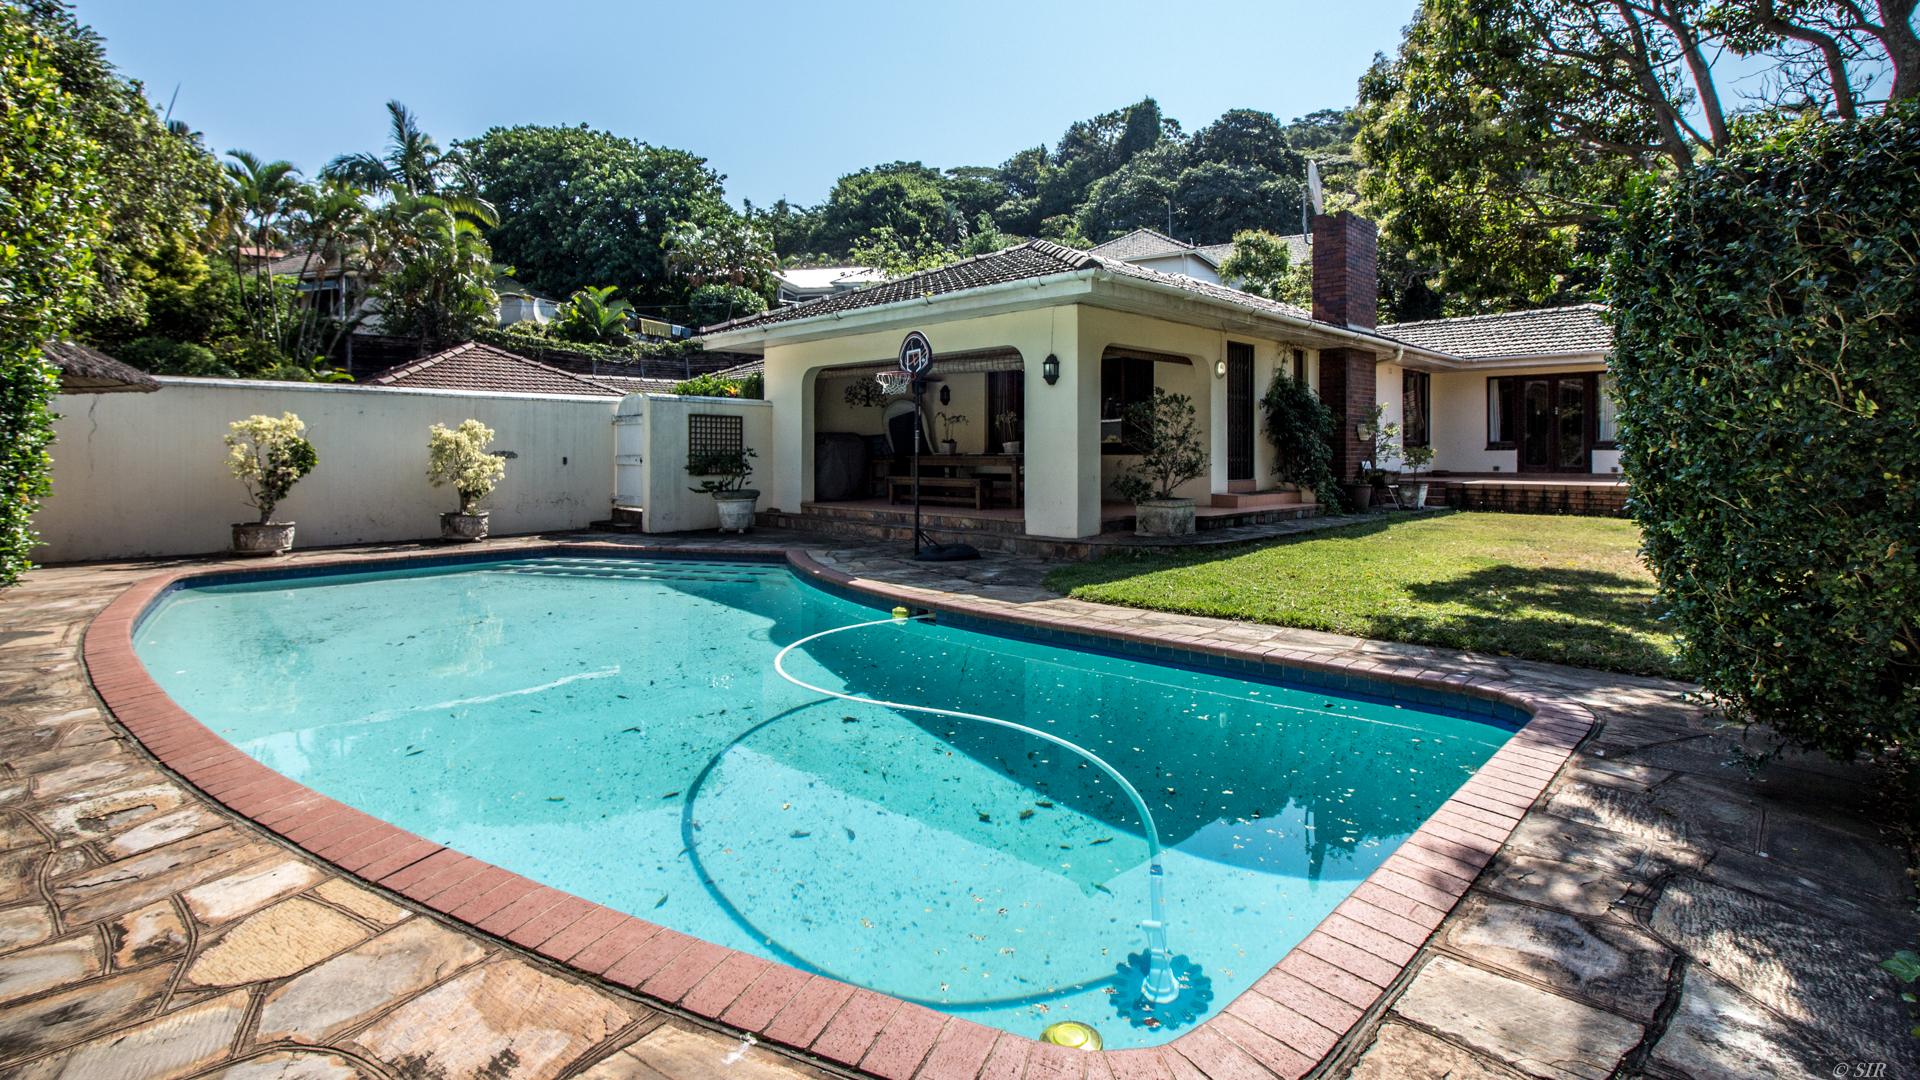 واحد منزل الأسرة للـ Sale في Durban North Durban, Kwazulu-Natal, South Africa